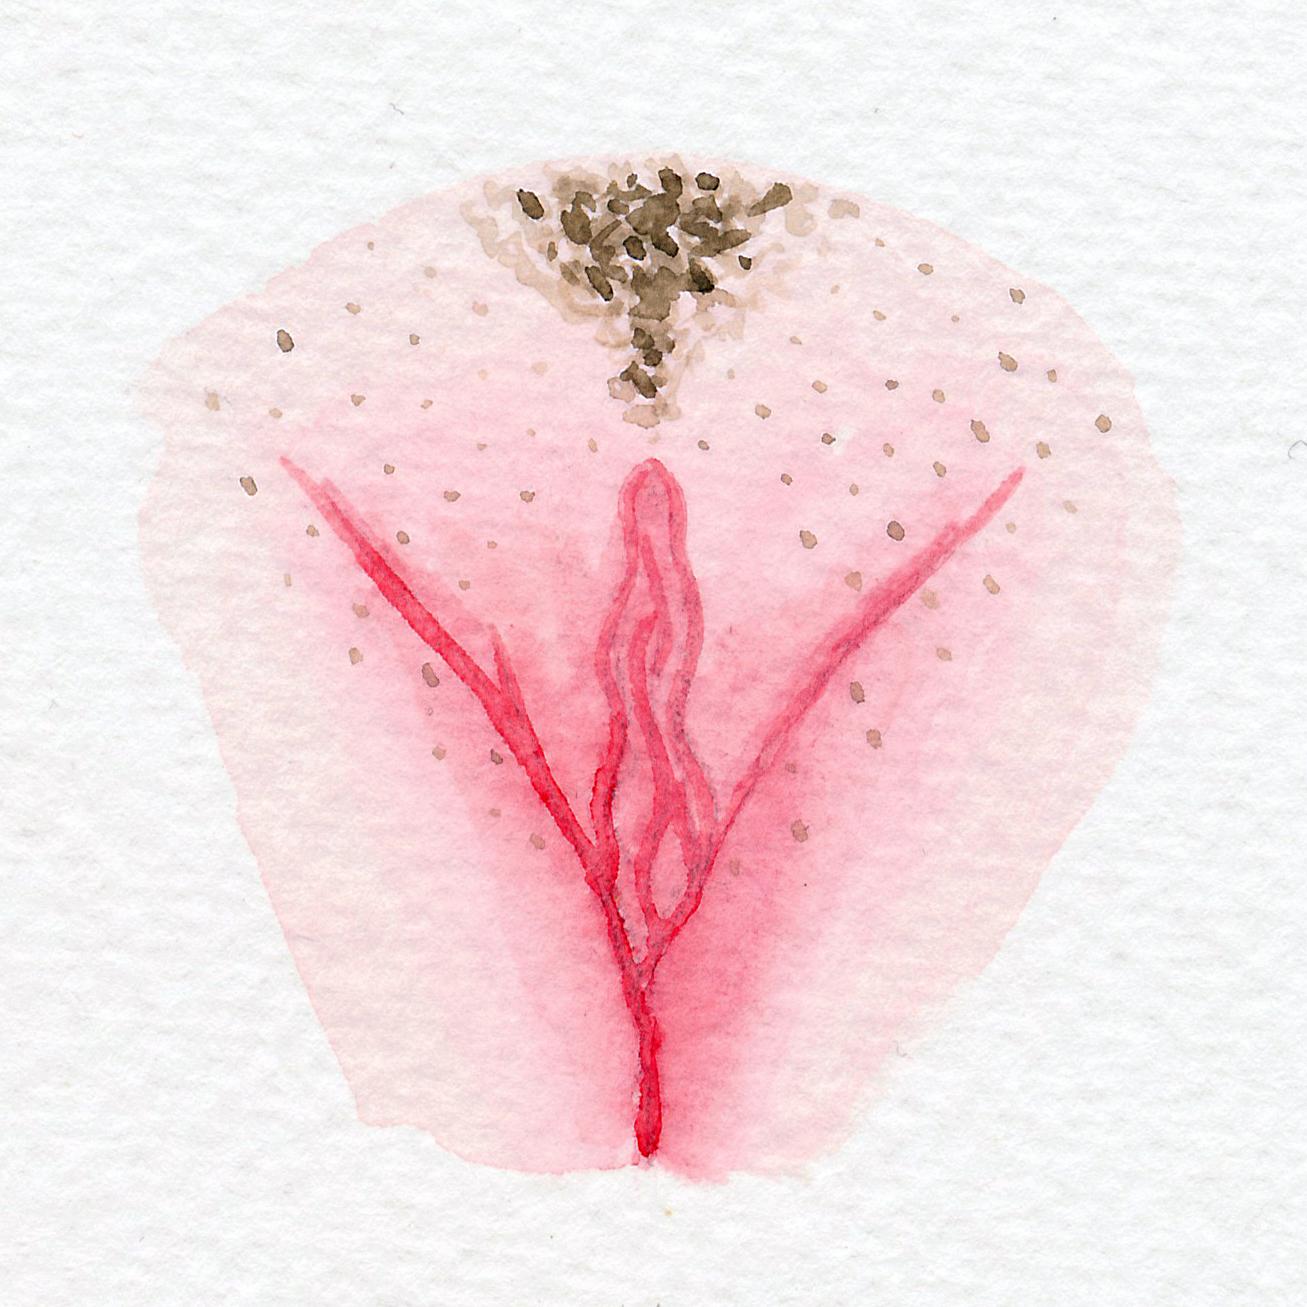 The Vulva Gallery - Vulva Portrait #22.jpg